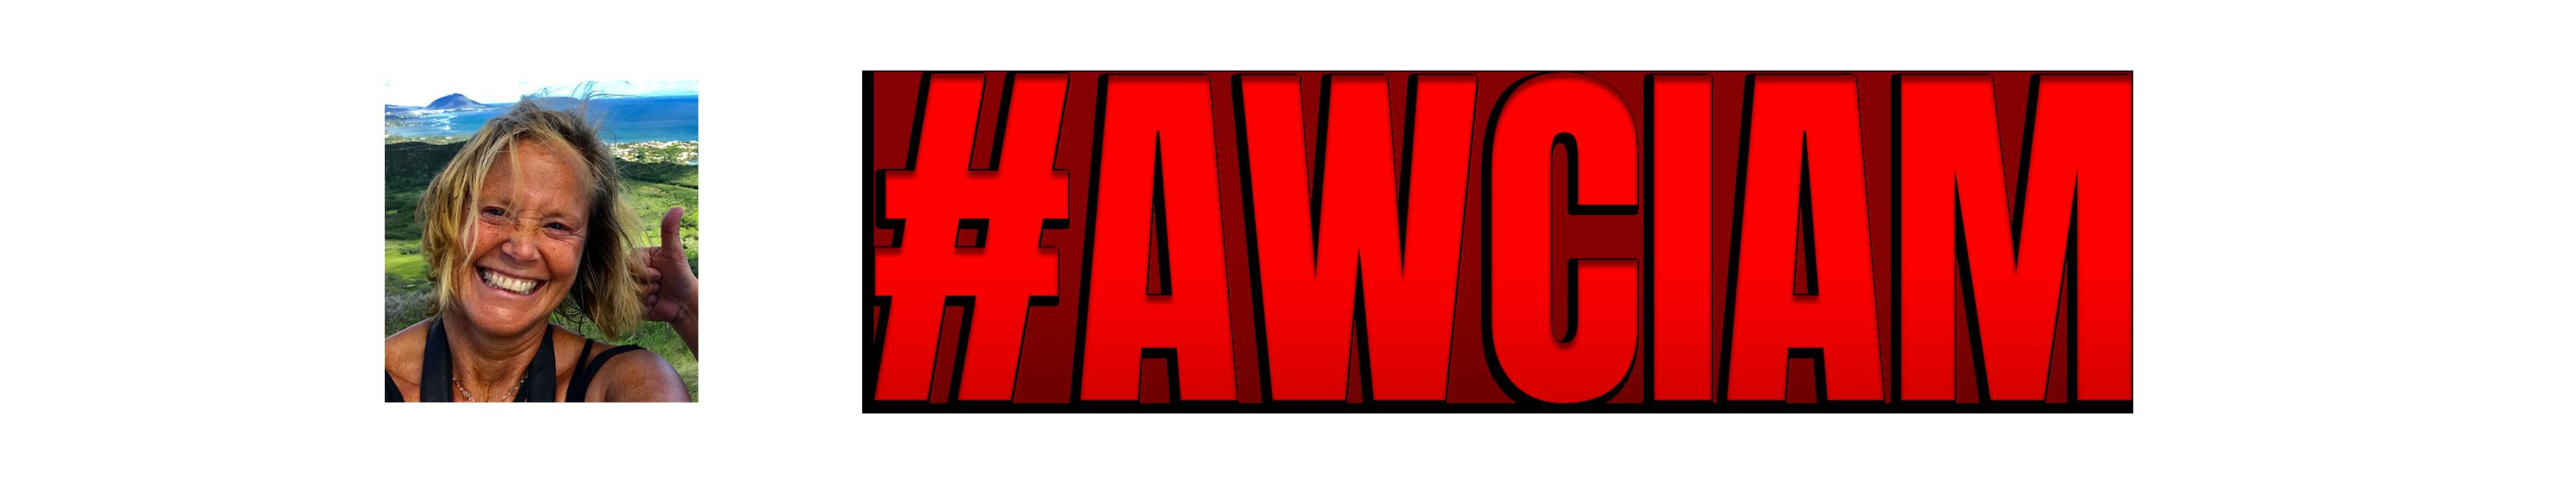 #AWCIAM